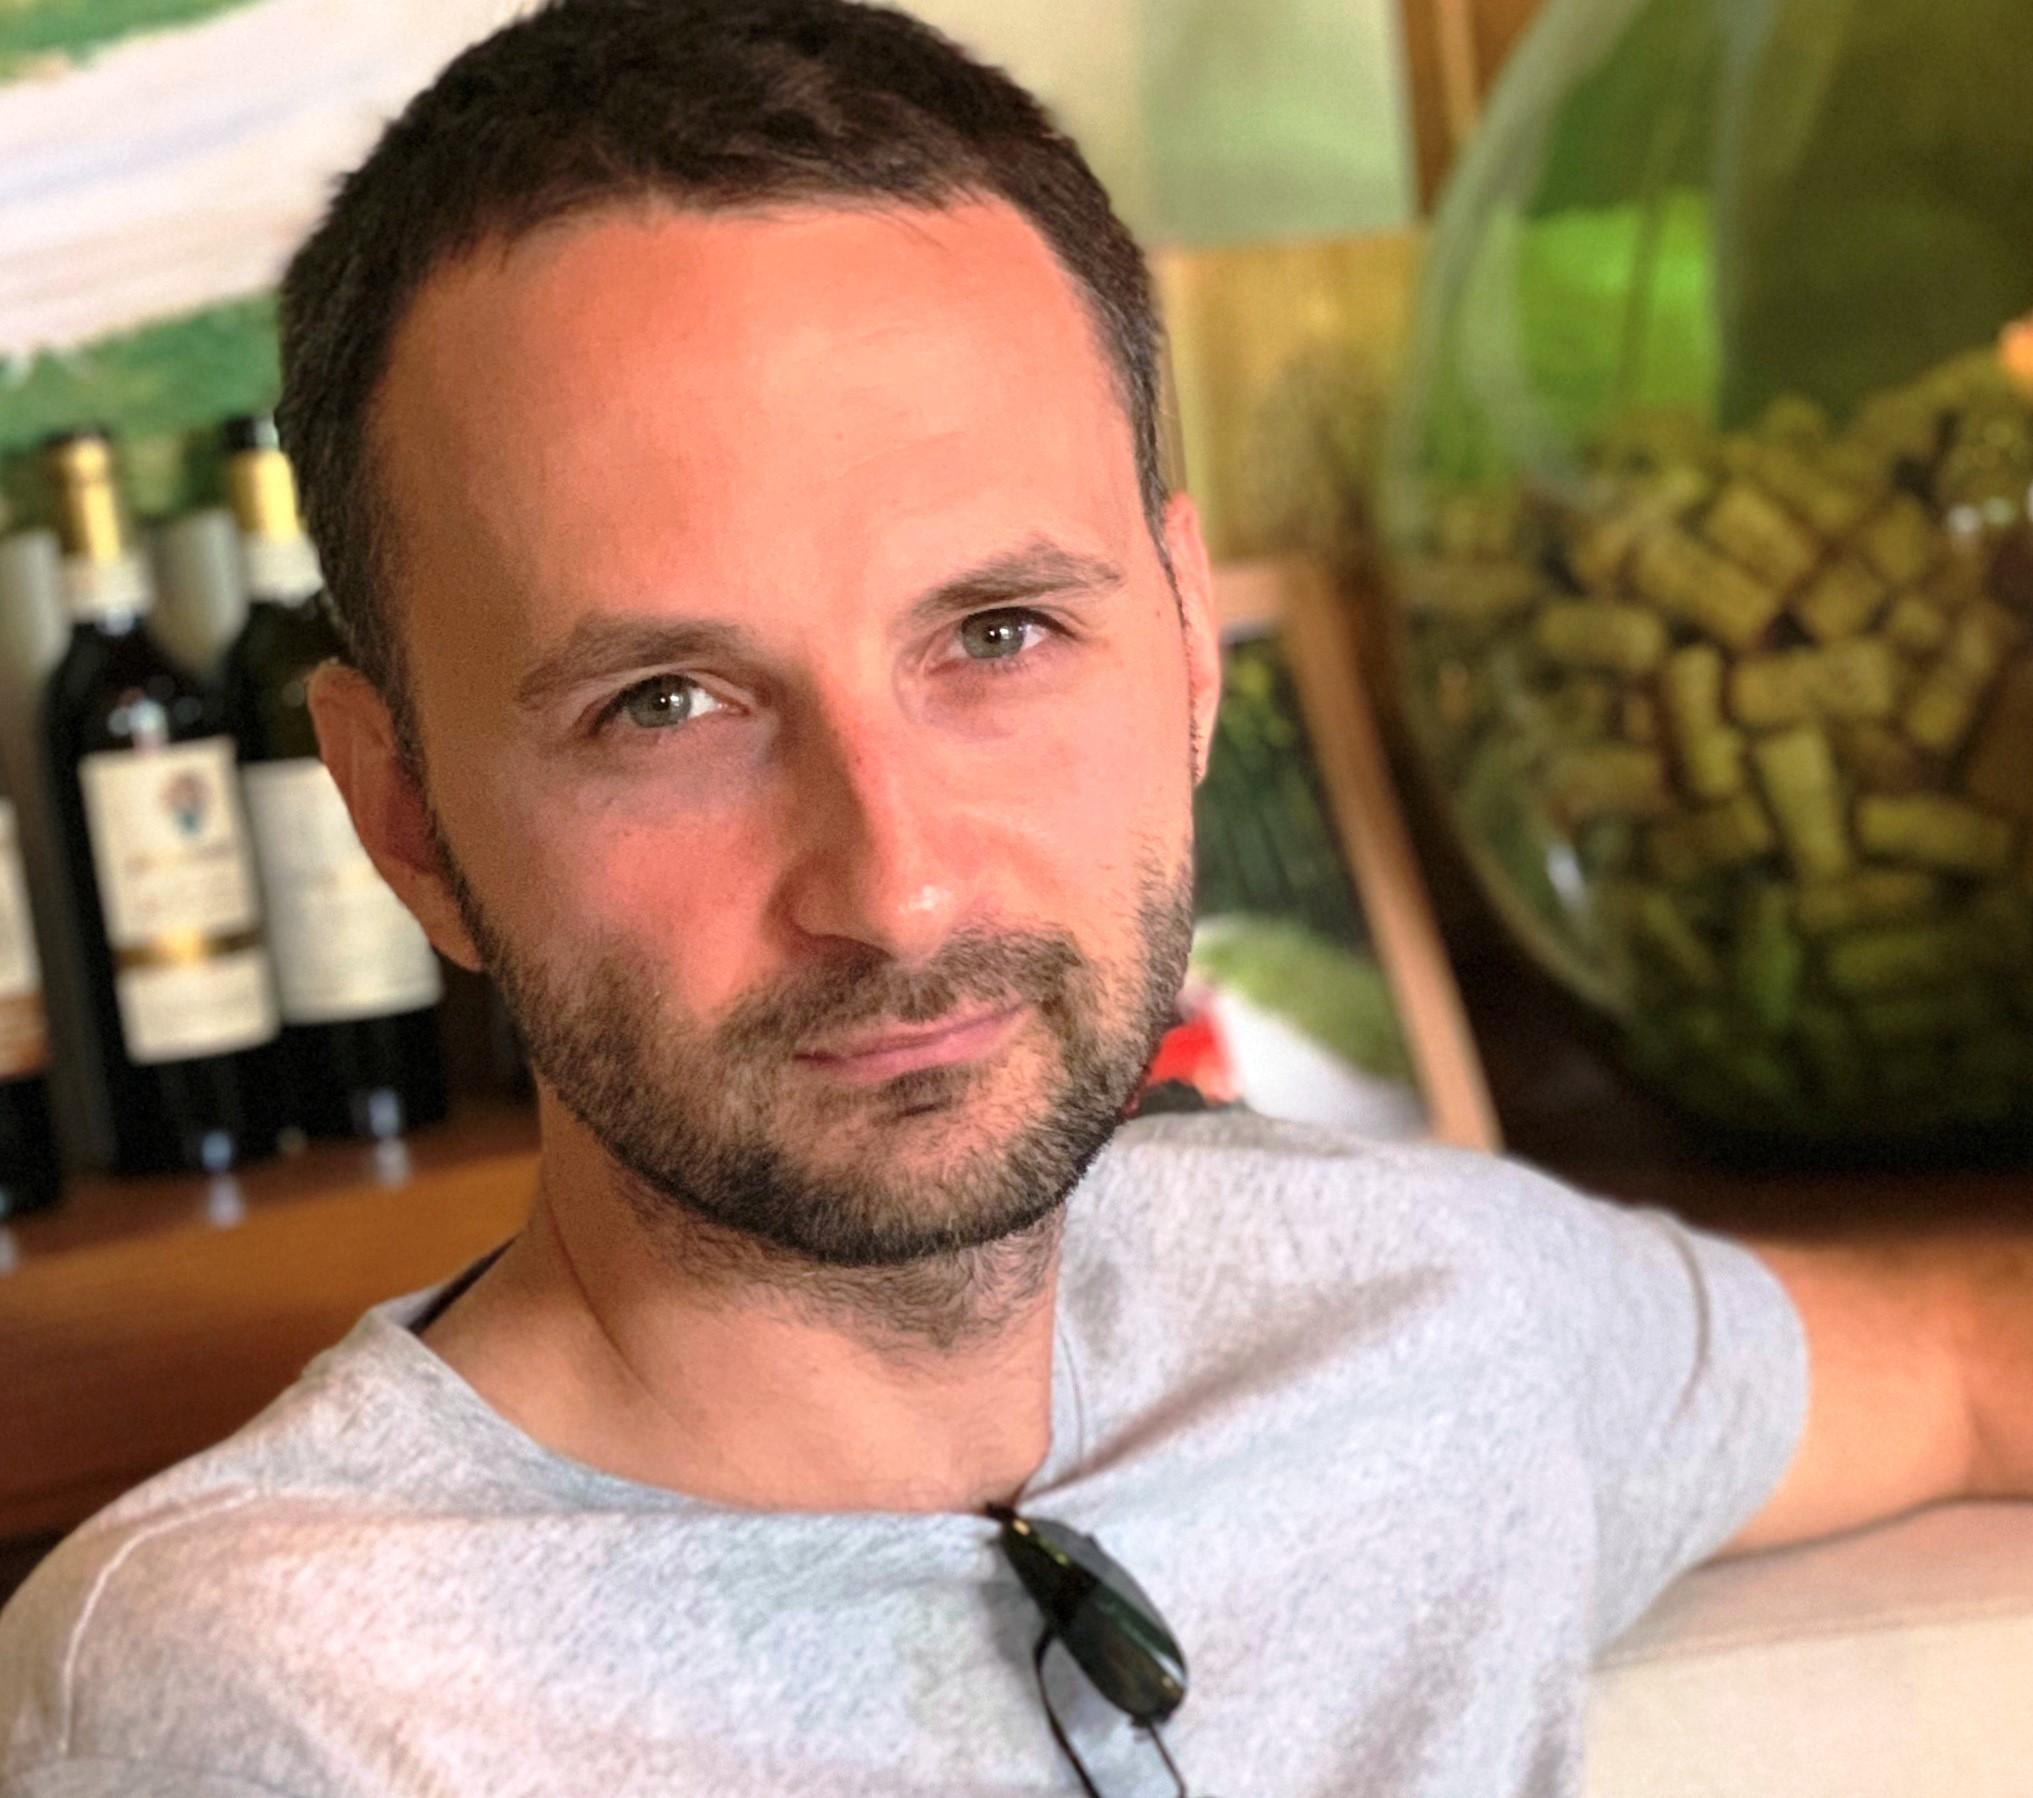 אוי פדלון - מנהל המדיה החברתית של הוועד האולימפי בישראל